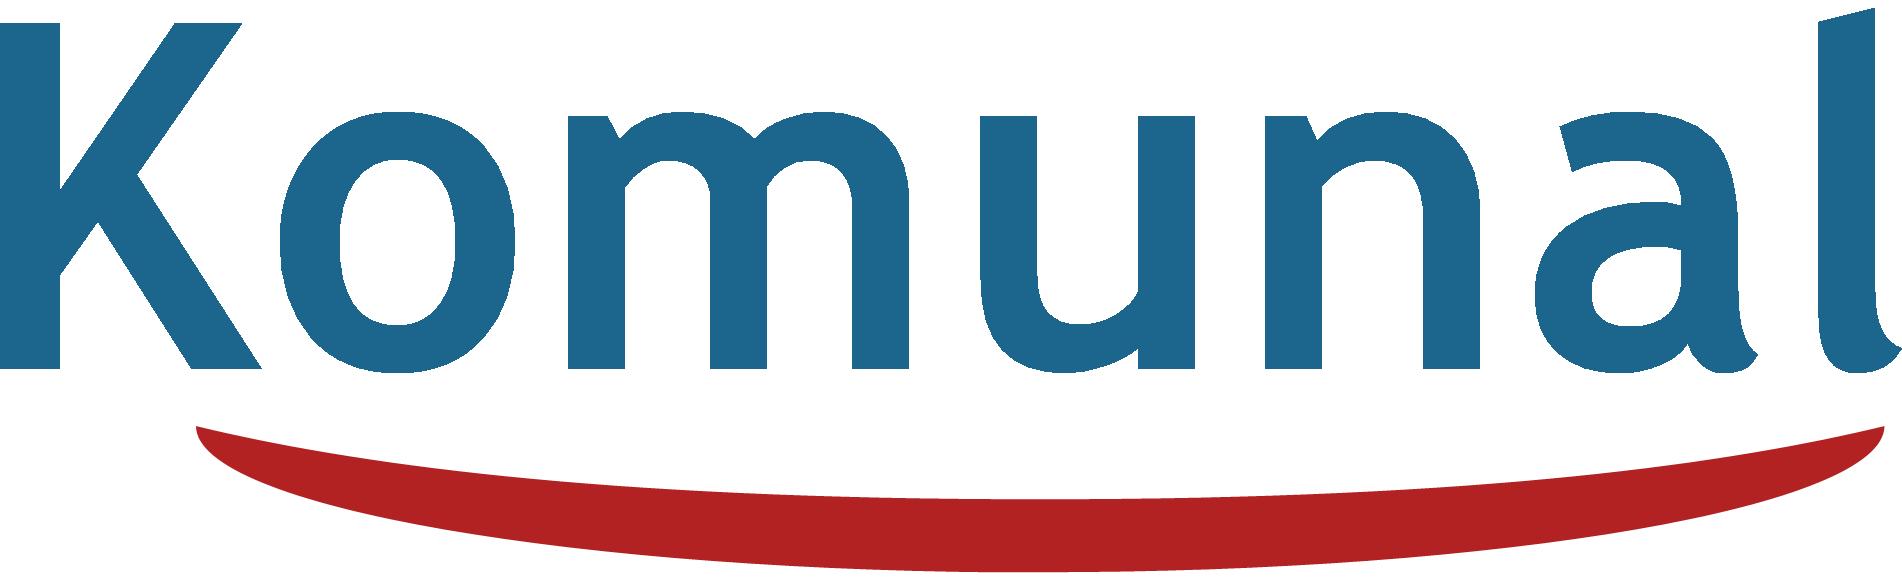 Dampak Covid-19 ubah perilaku pengguna perusahaan peer-to-peer lending Komunal